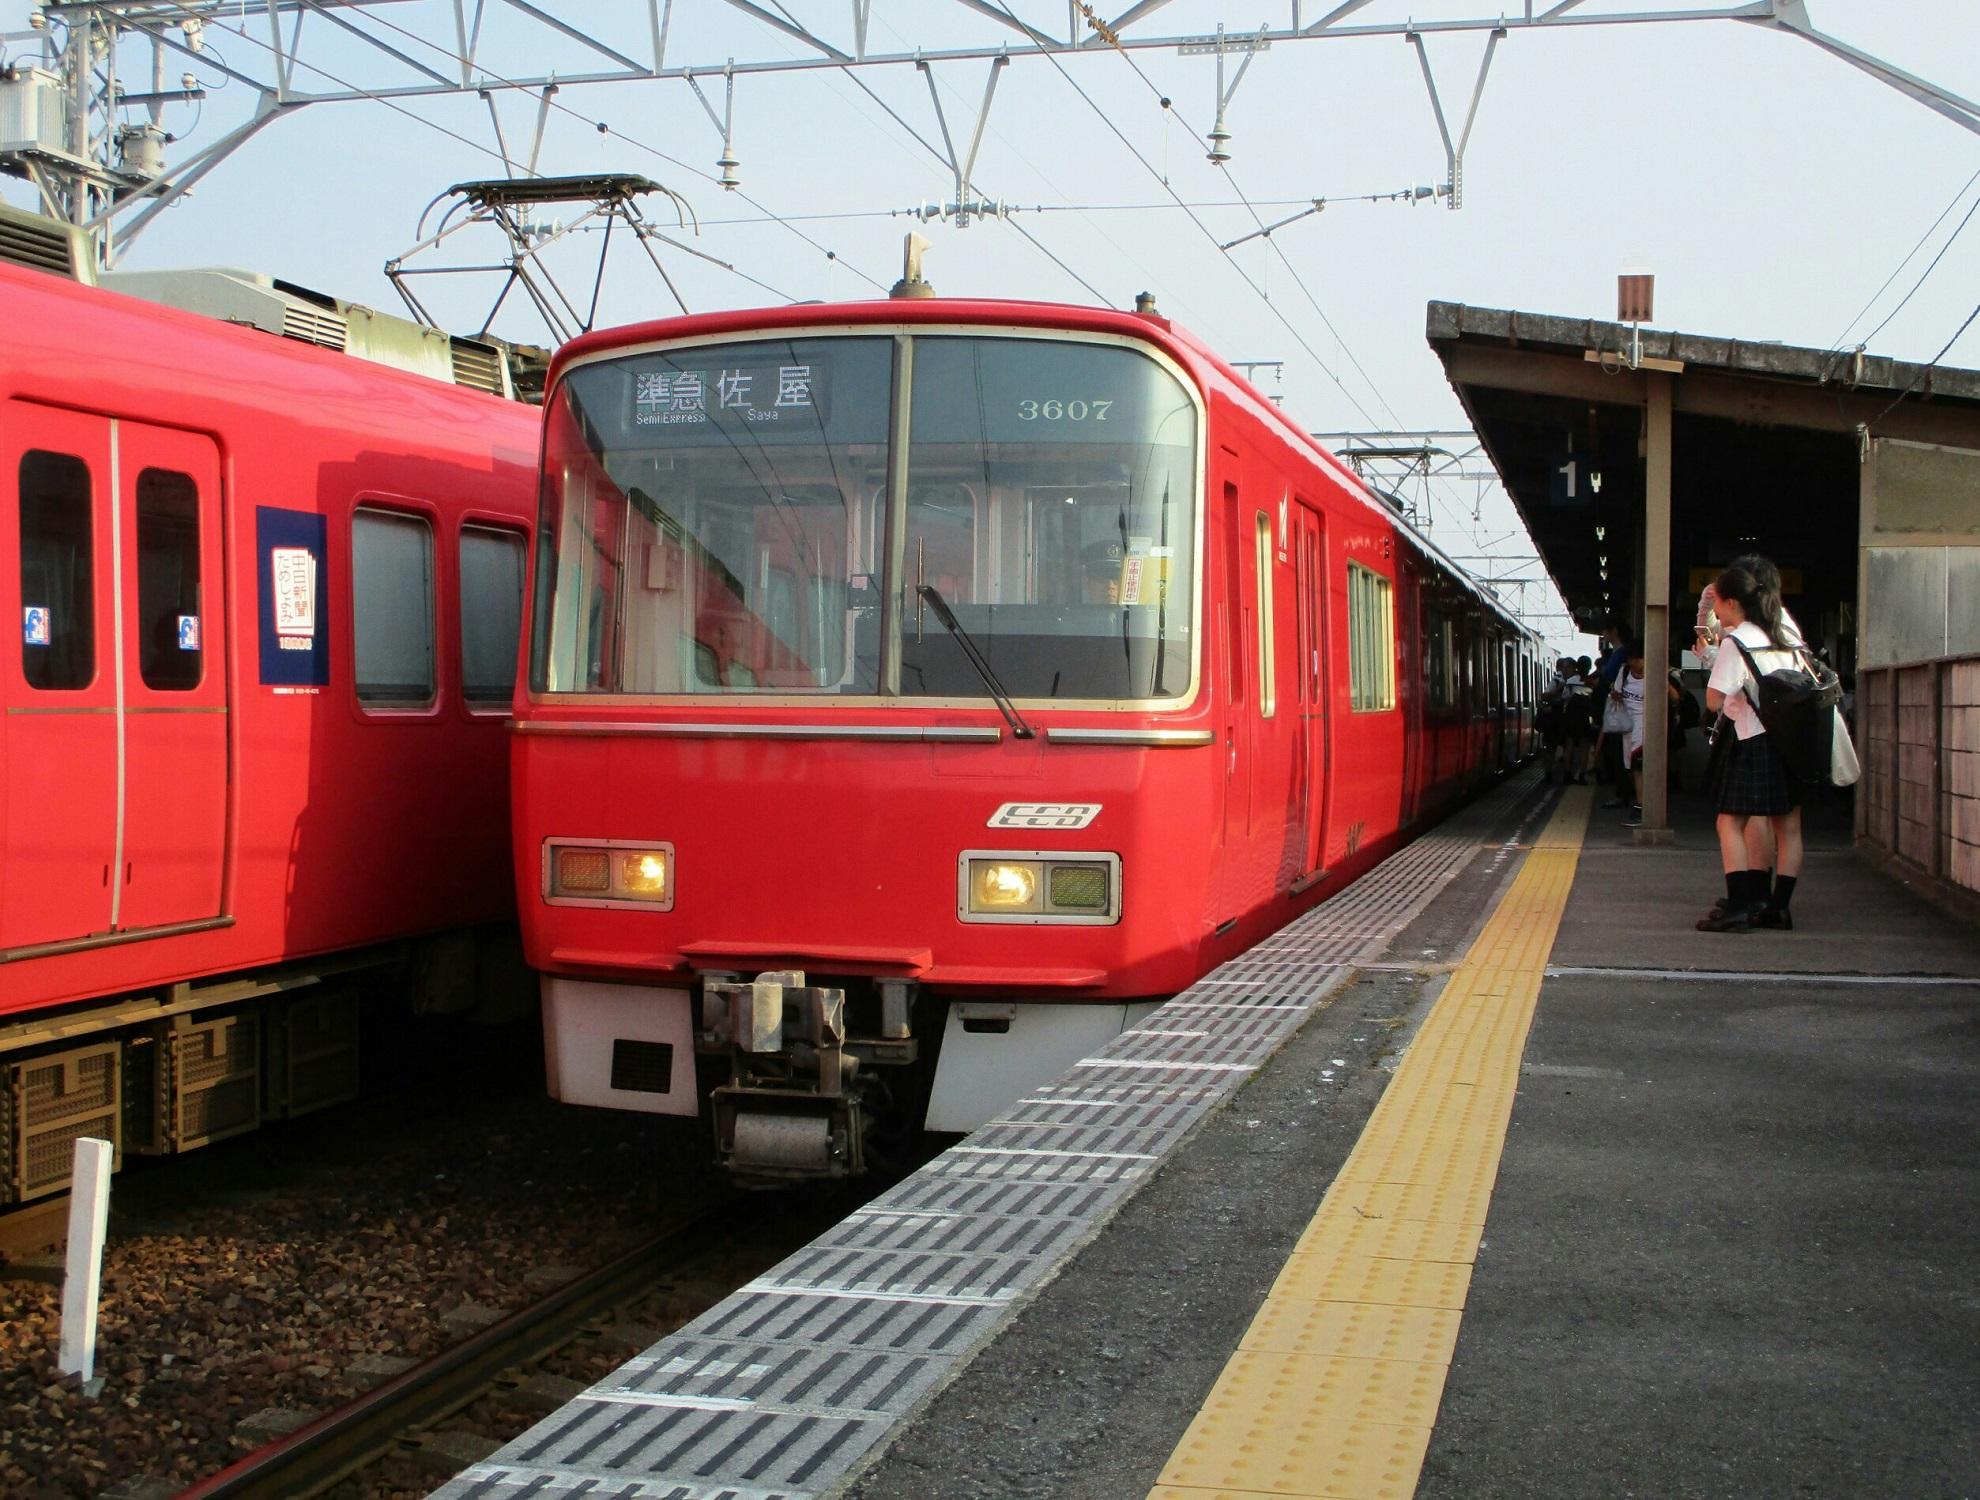 2018.7.17 (102) みなみあんじょう - 佐屋いき準急 1980-1500